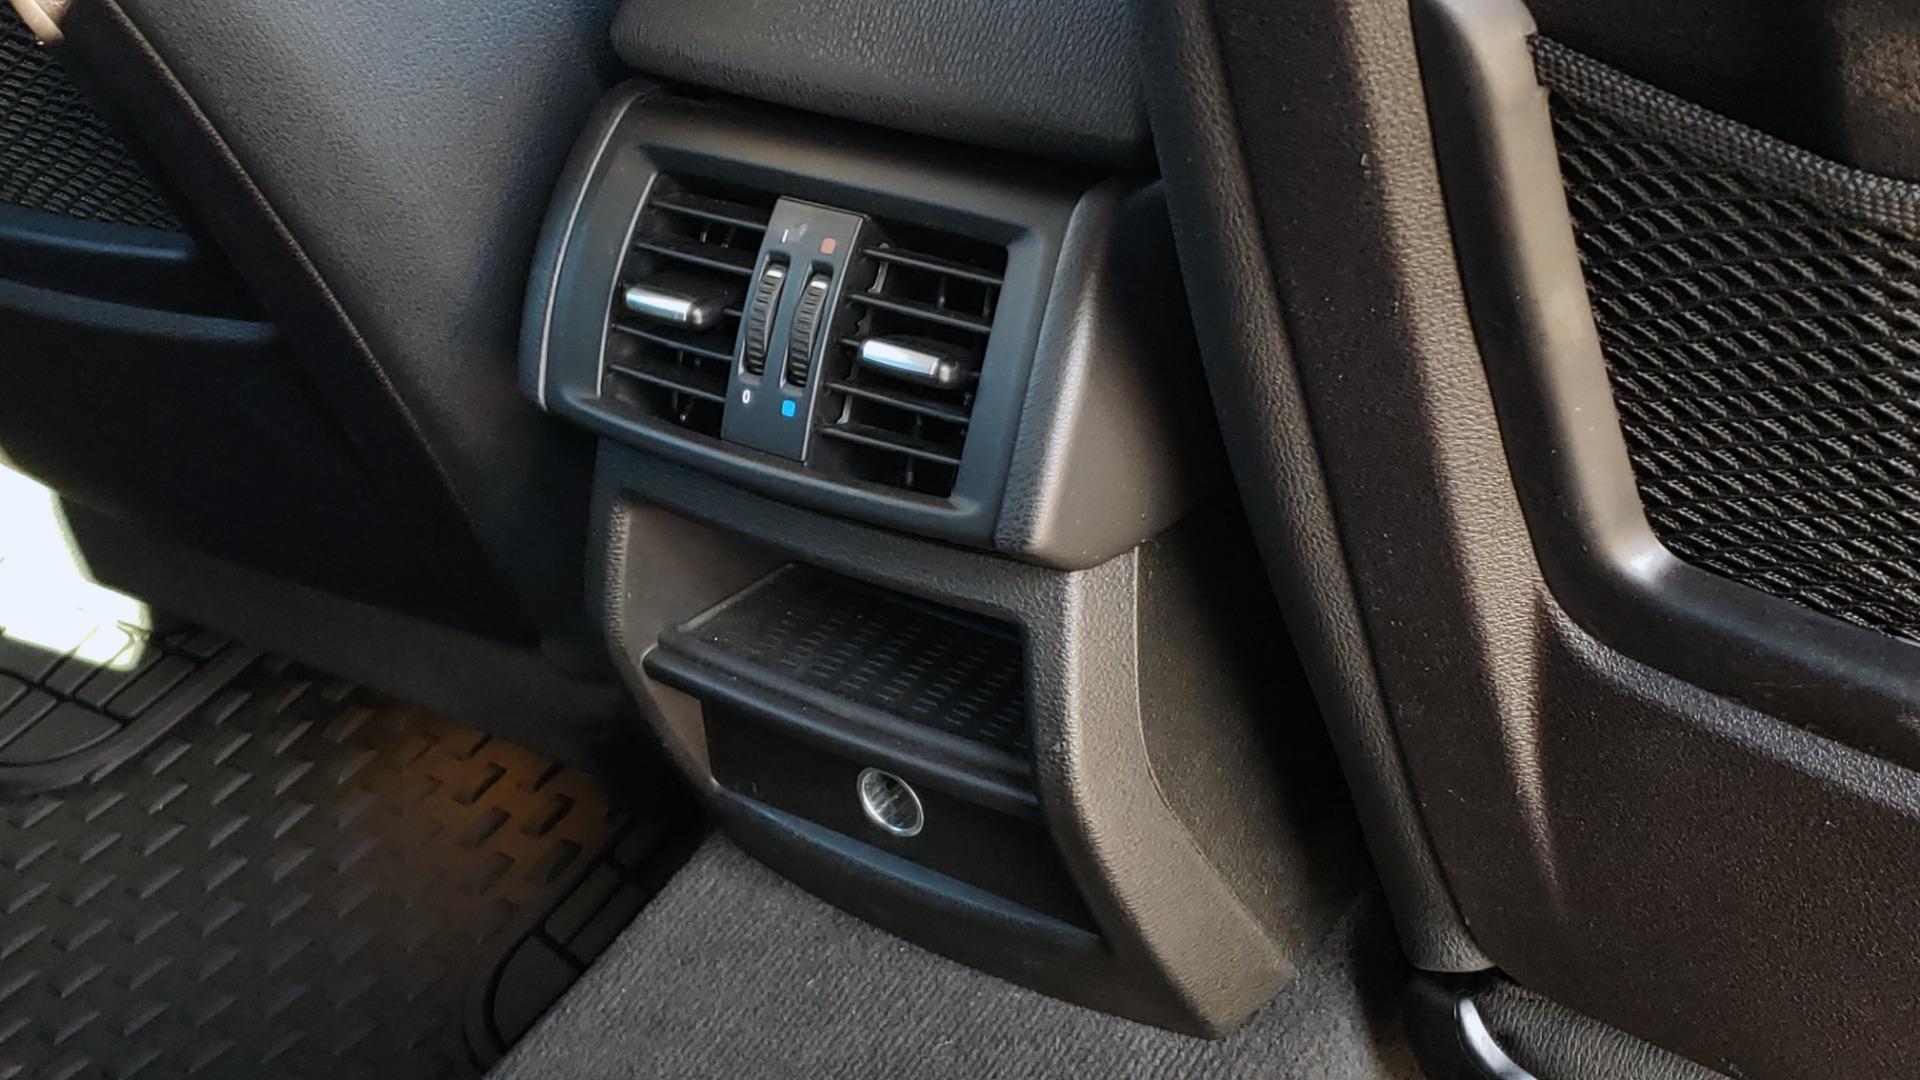 Used 2017 BMW X3 XDRIVE28I / PREM PKG / NAV / DRVR ASST / HTD STS / CAMERAS for sale Sold at Formula Imports in Charlotte NC 28227 88